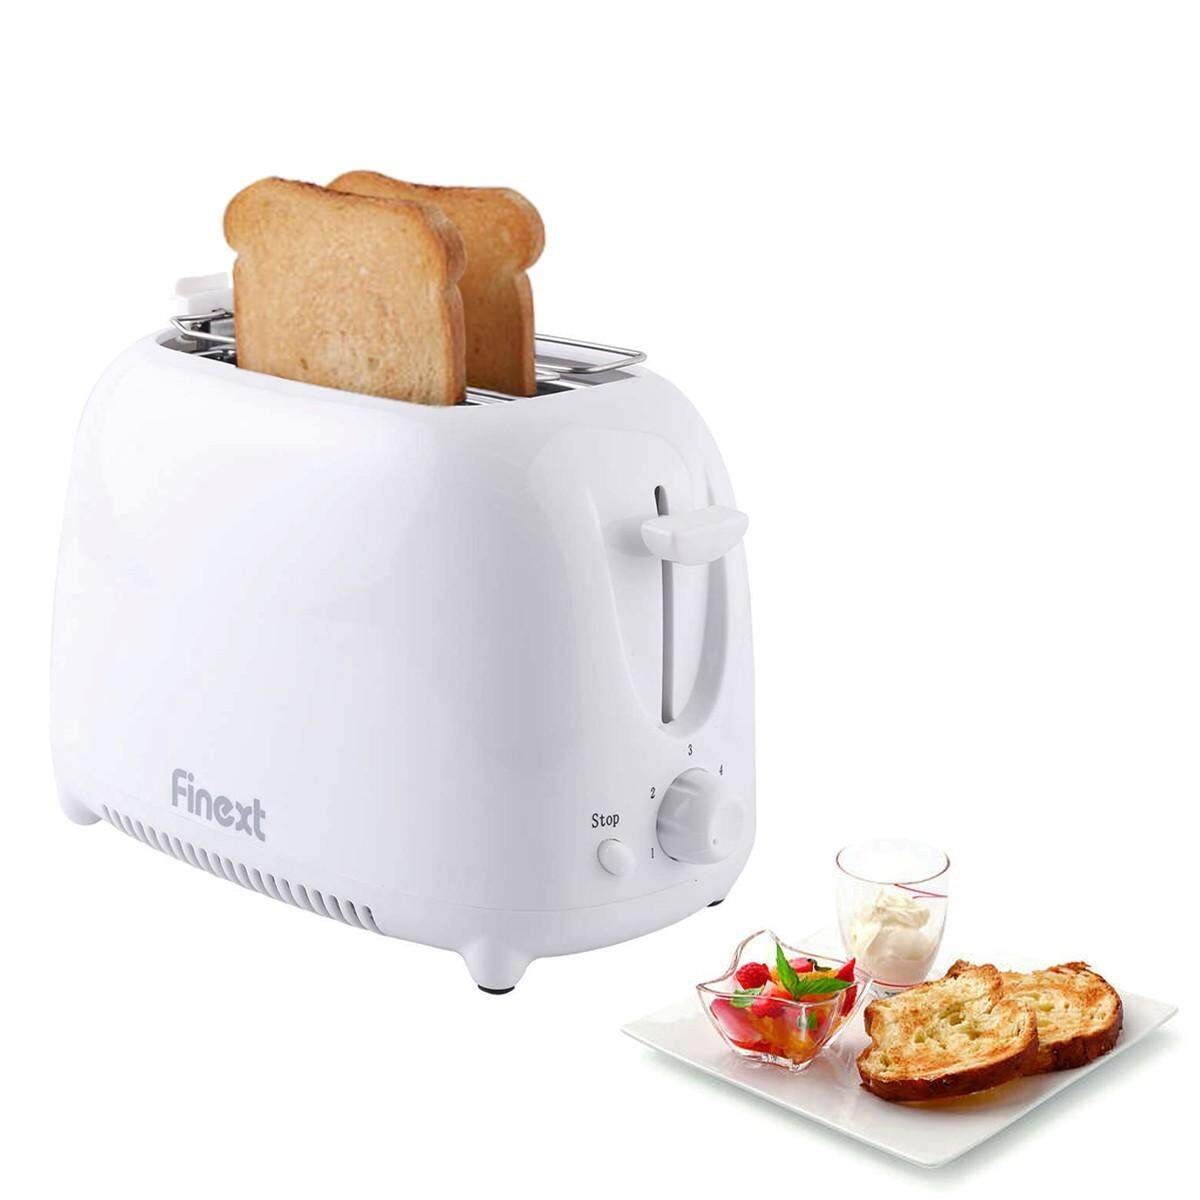 สอนใช้งาน  แพร่ FINEXT เครื่องปิ้งขนมปัง รุ่น THT-8866  ผลิตจากสแตนเลส คุณภาพดี สีขาว Toaster